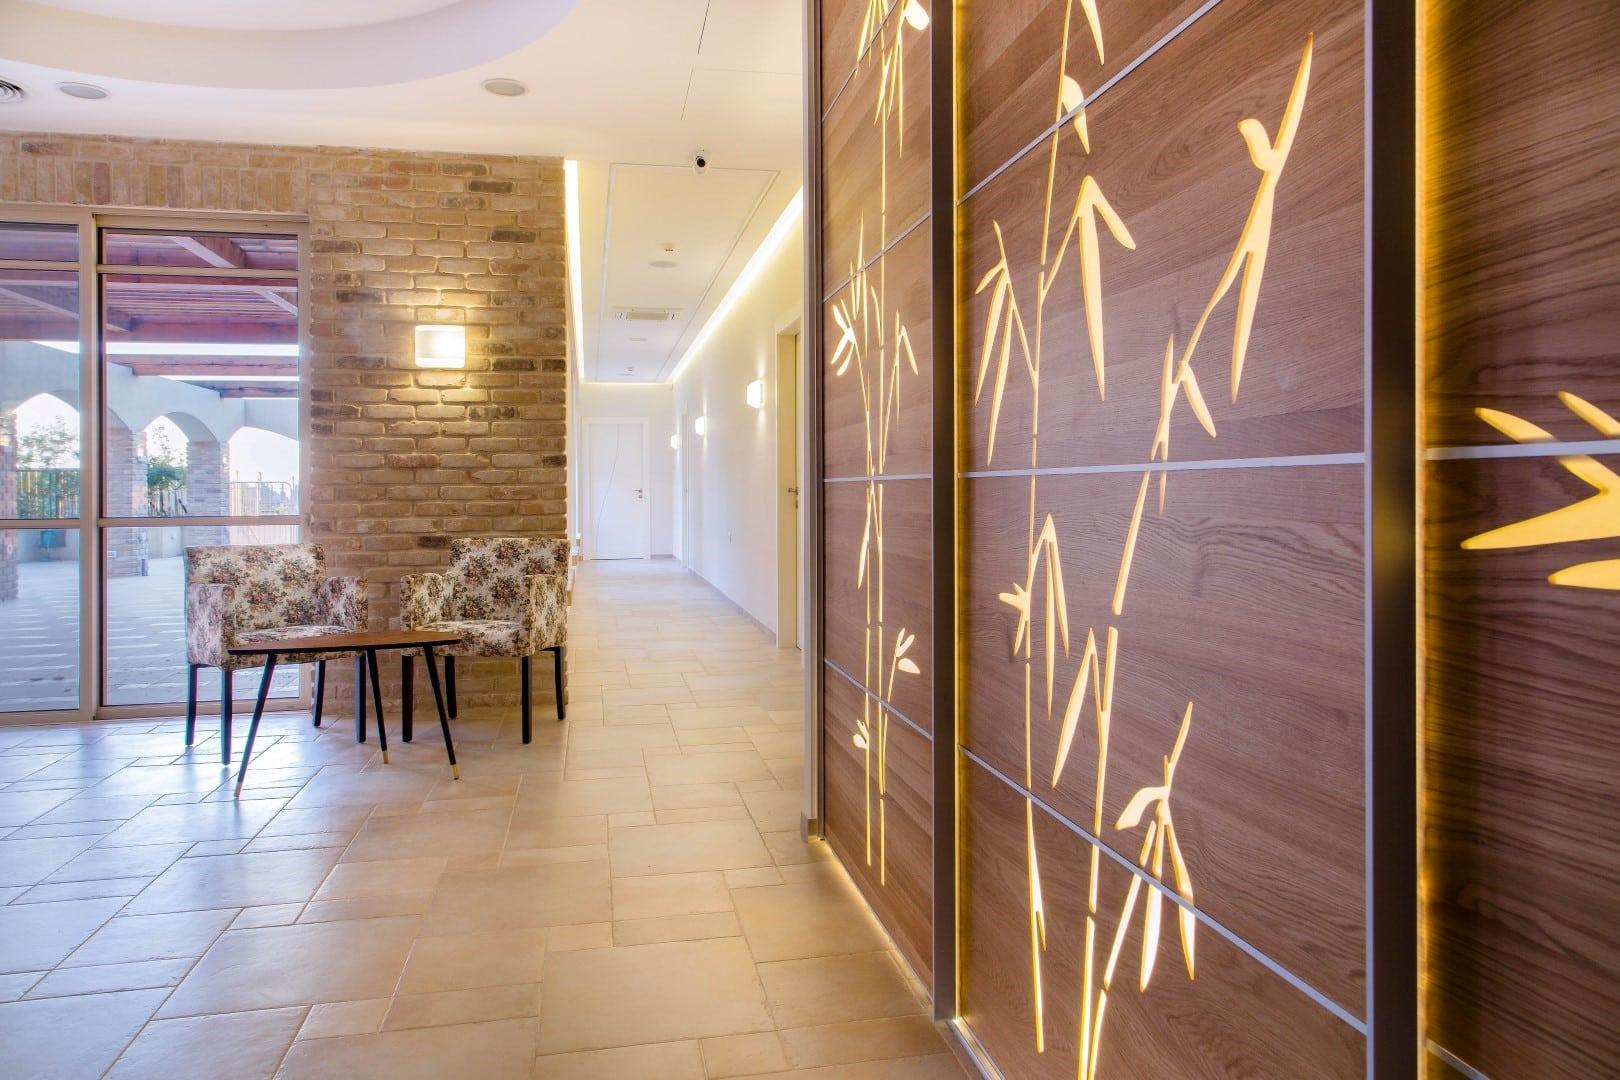 עיצוב דירות יוקרה, פתרון אחסון מעוצב בבית בגדרה, ענבל קרקו עיצוב פנים ופנג שואי